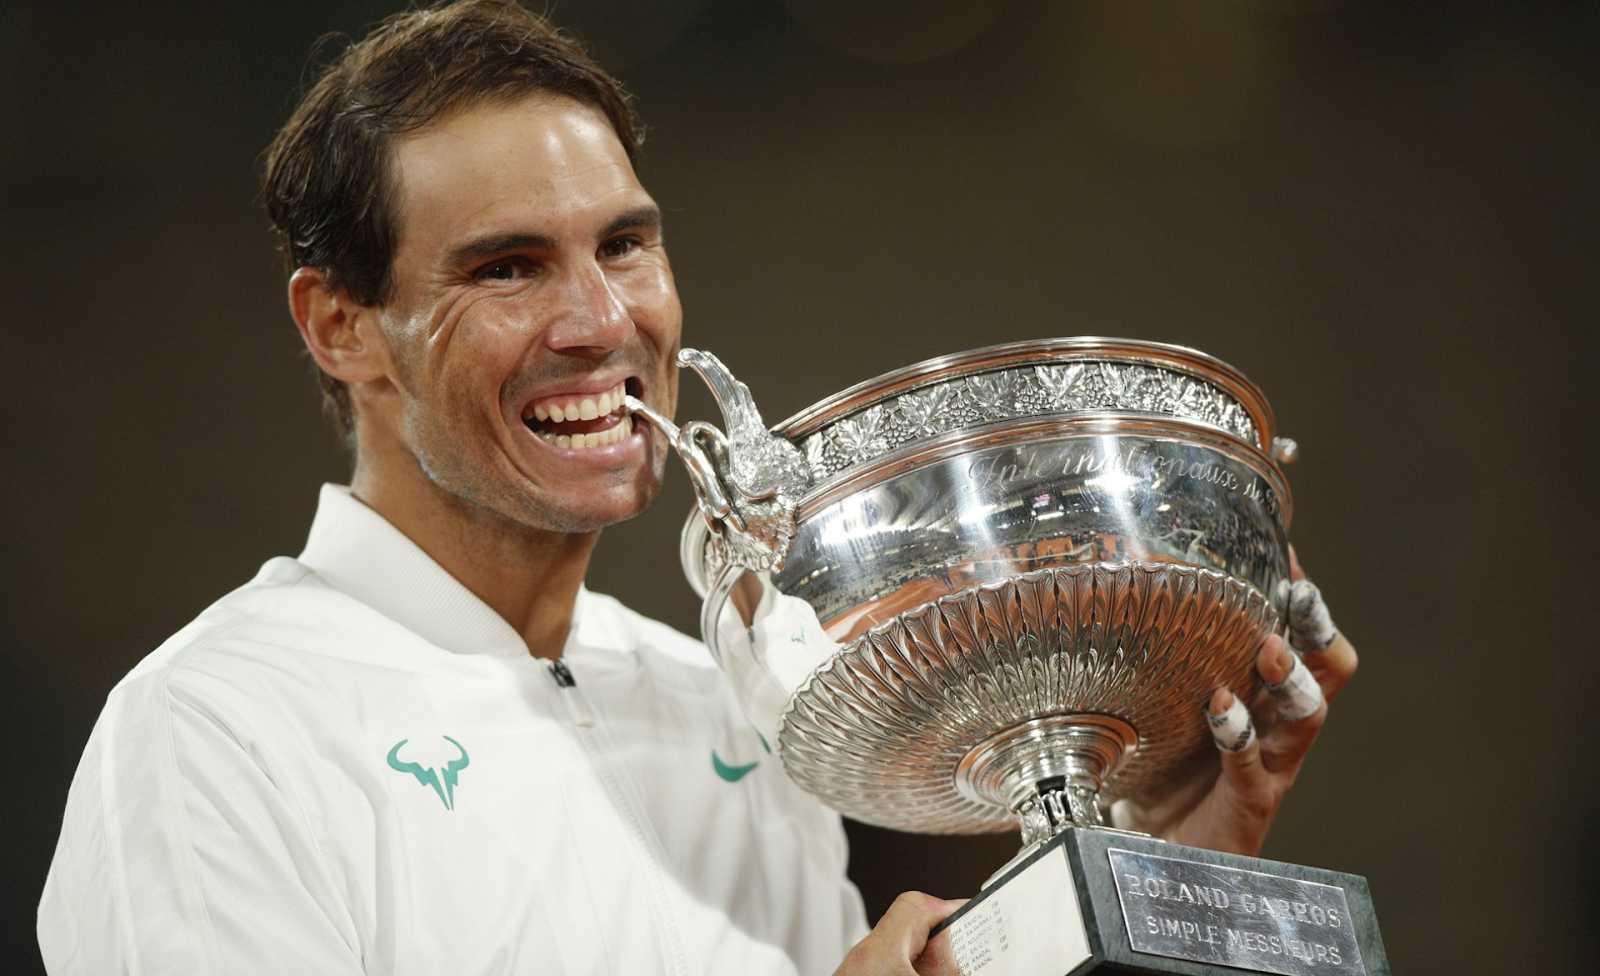 Boletines RNE - Rafa Nadal gana su 13º Roland Garros y ya suma 20 Grand Slam - Escuchar ahora